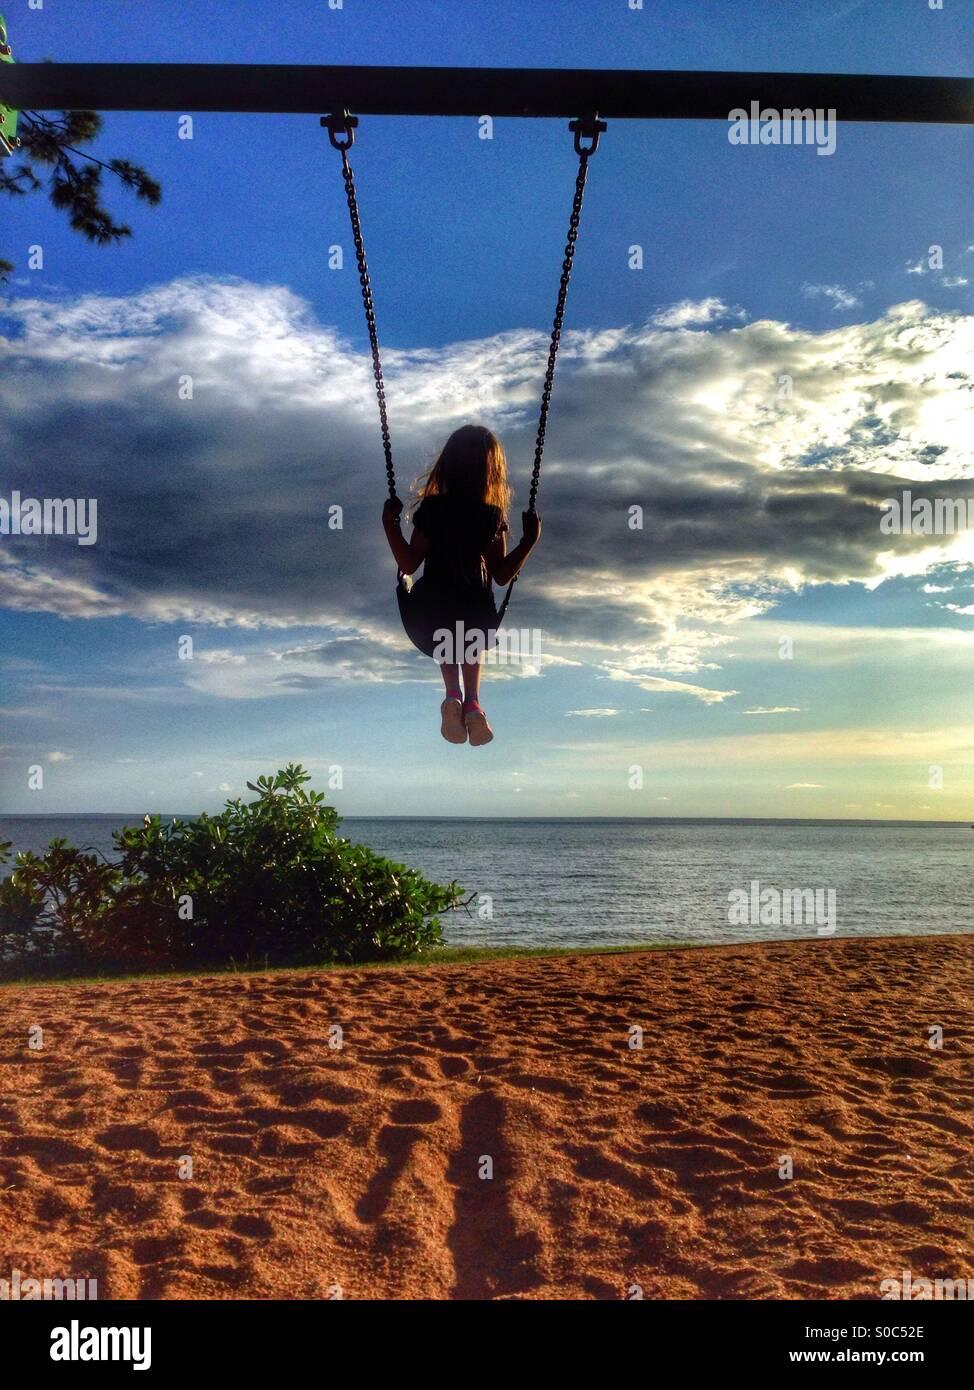 Junges Mädchen auf einer Schaukel am Strand. Stockfoto